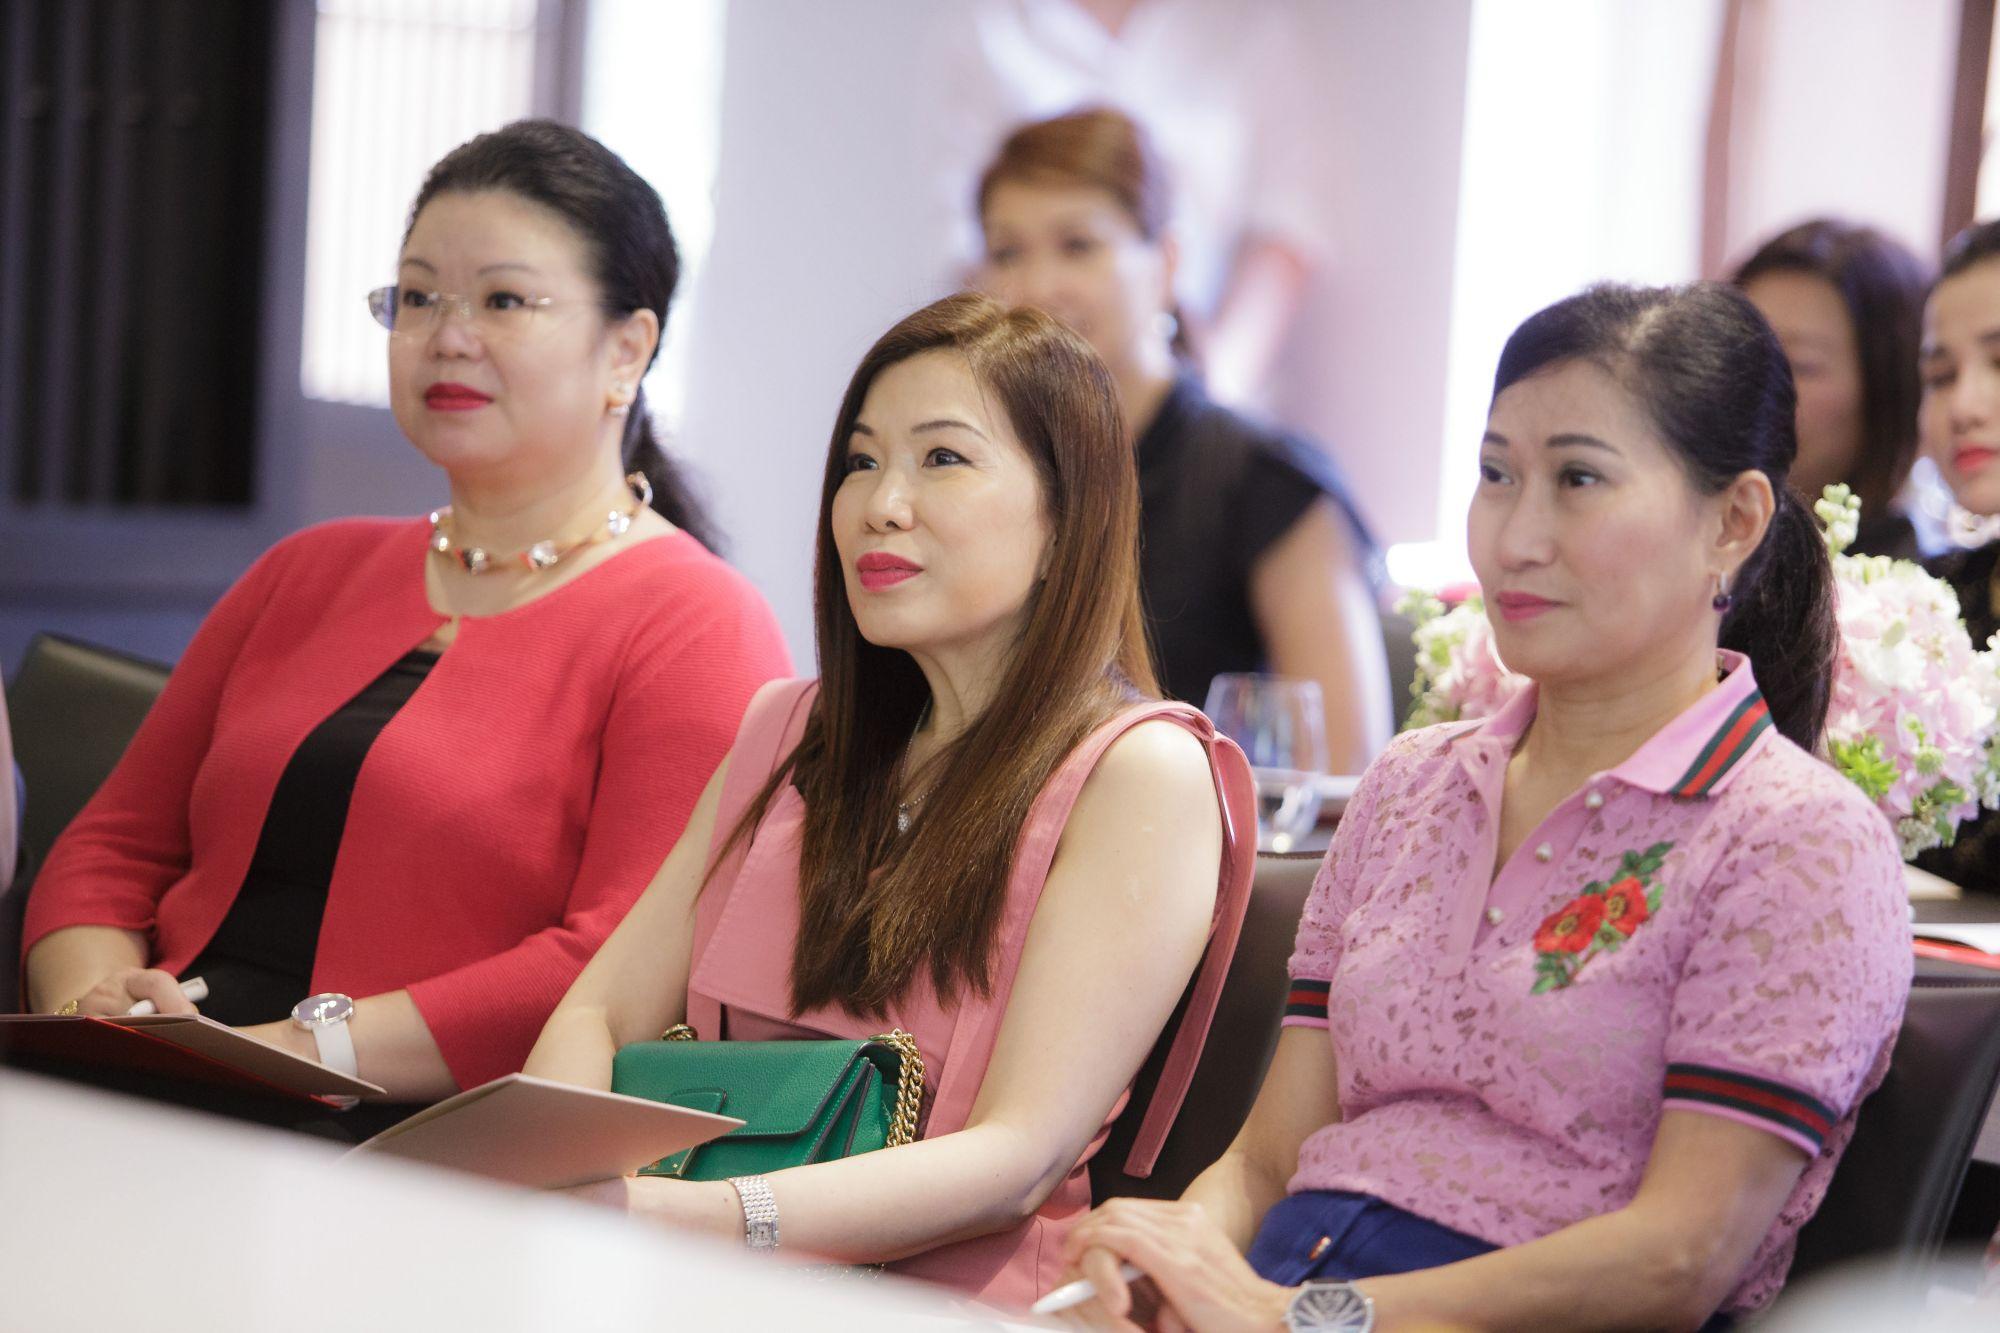 Lam Min Yee, Susan Peh, Tan Khar Nai